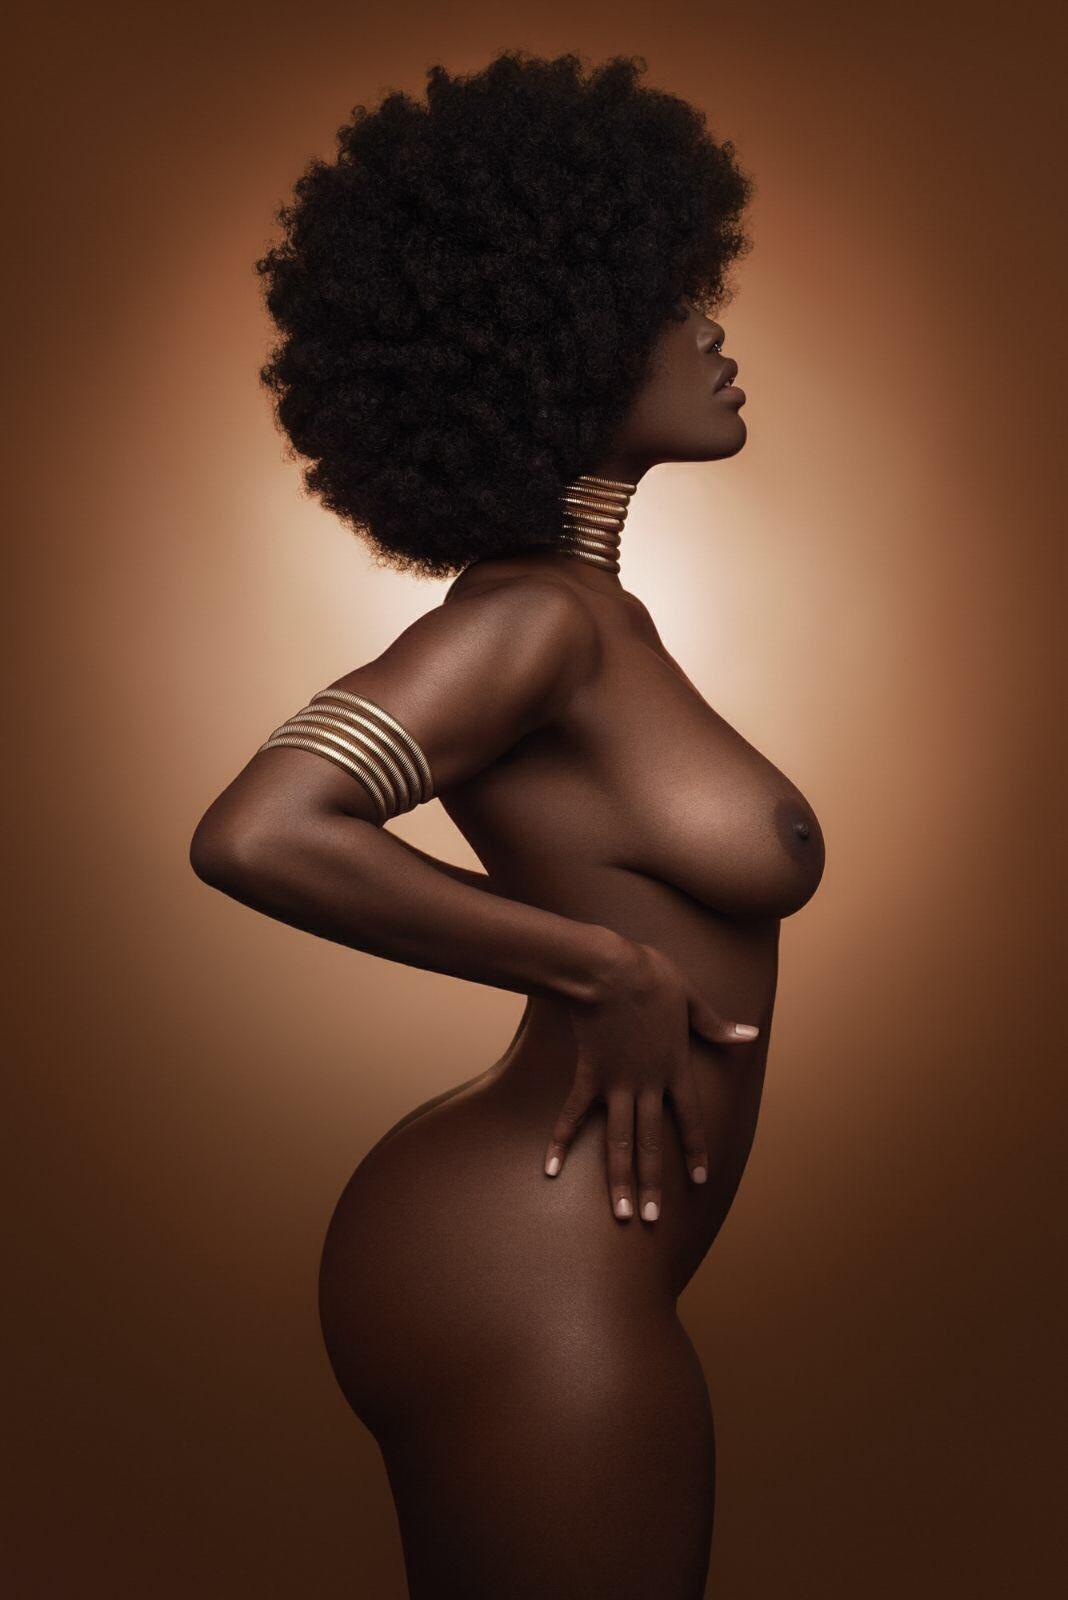 1068x1600, 92 Kb / негритянка, афро, украшение